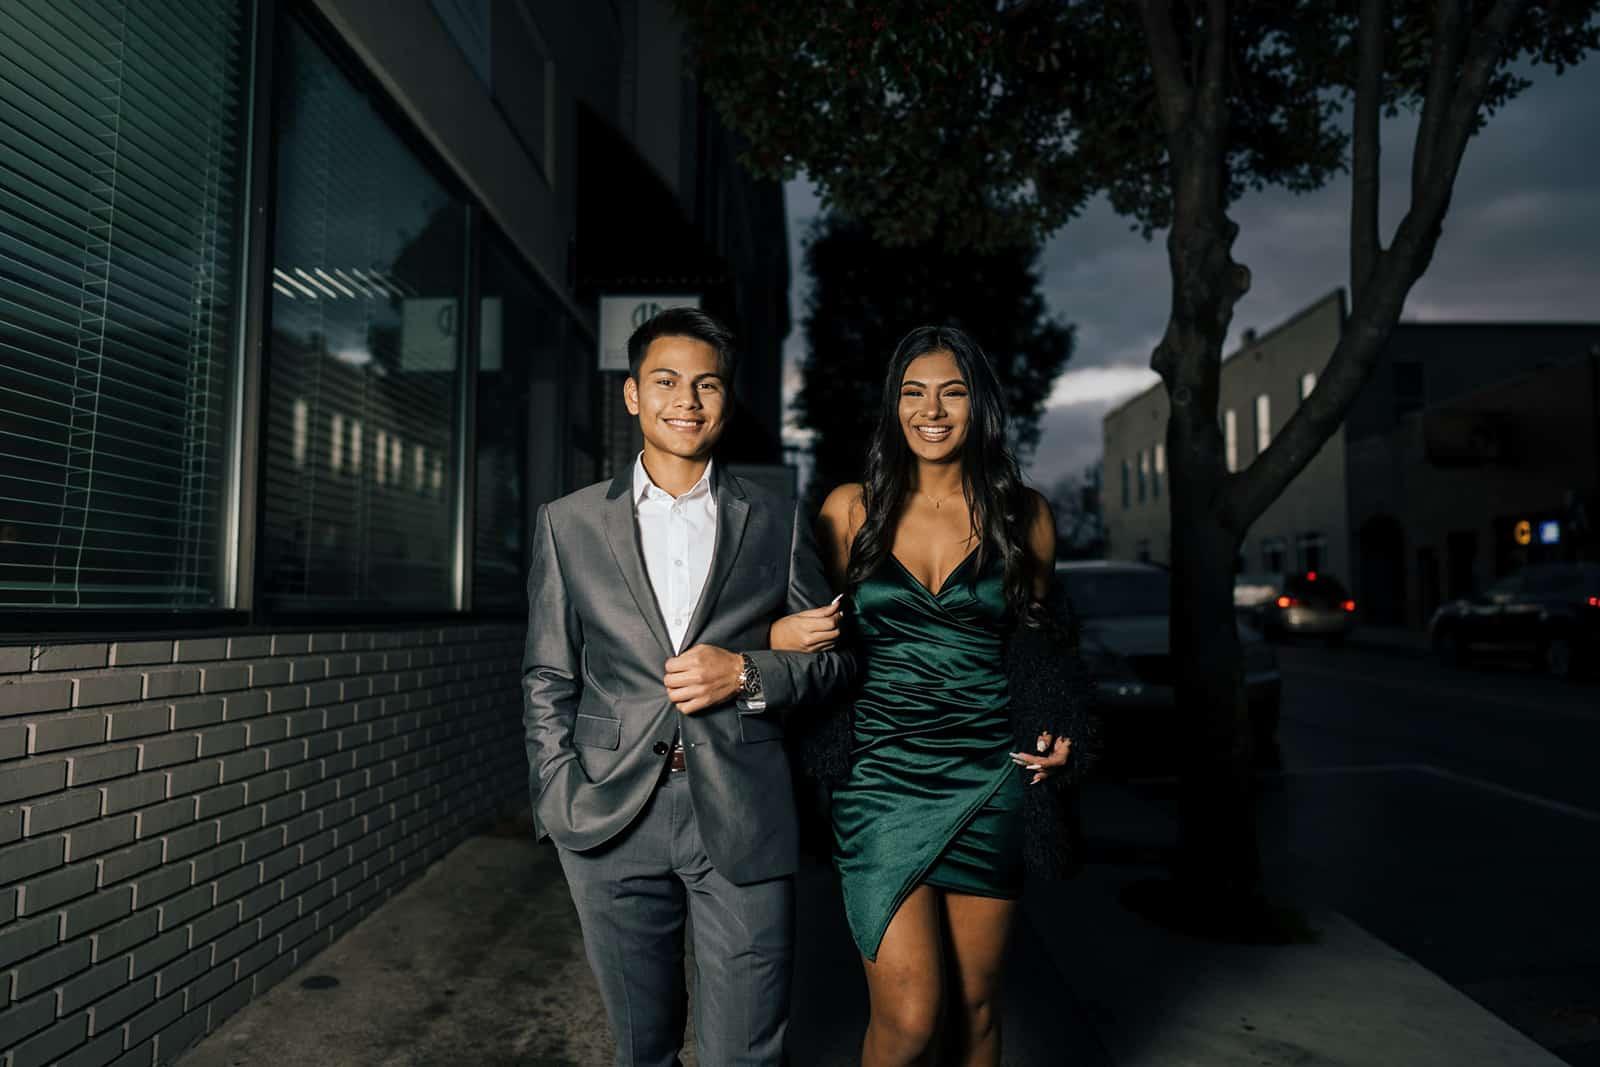 ein elegantes Paar, das Hände hält, die auf dem Bürgersteig gehen